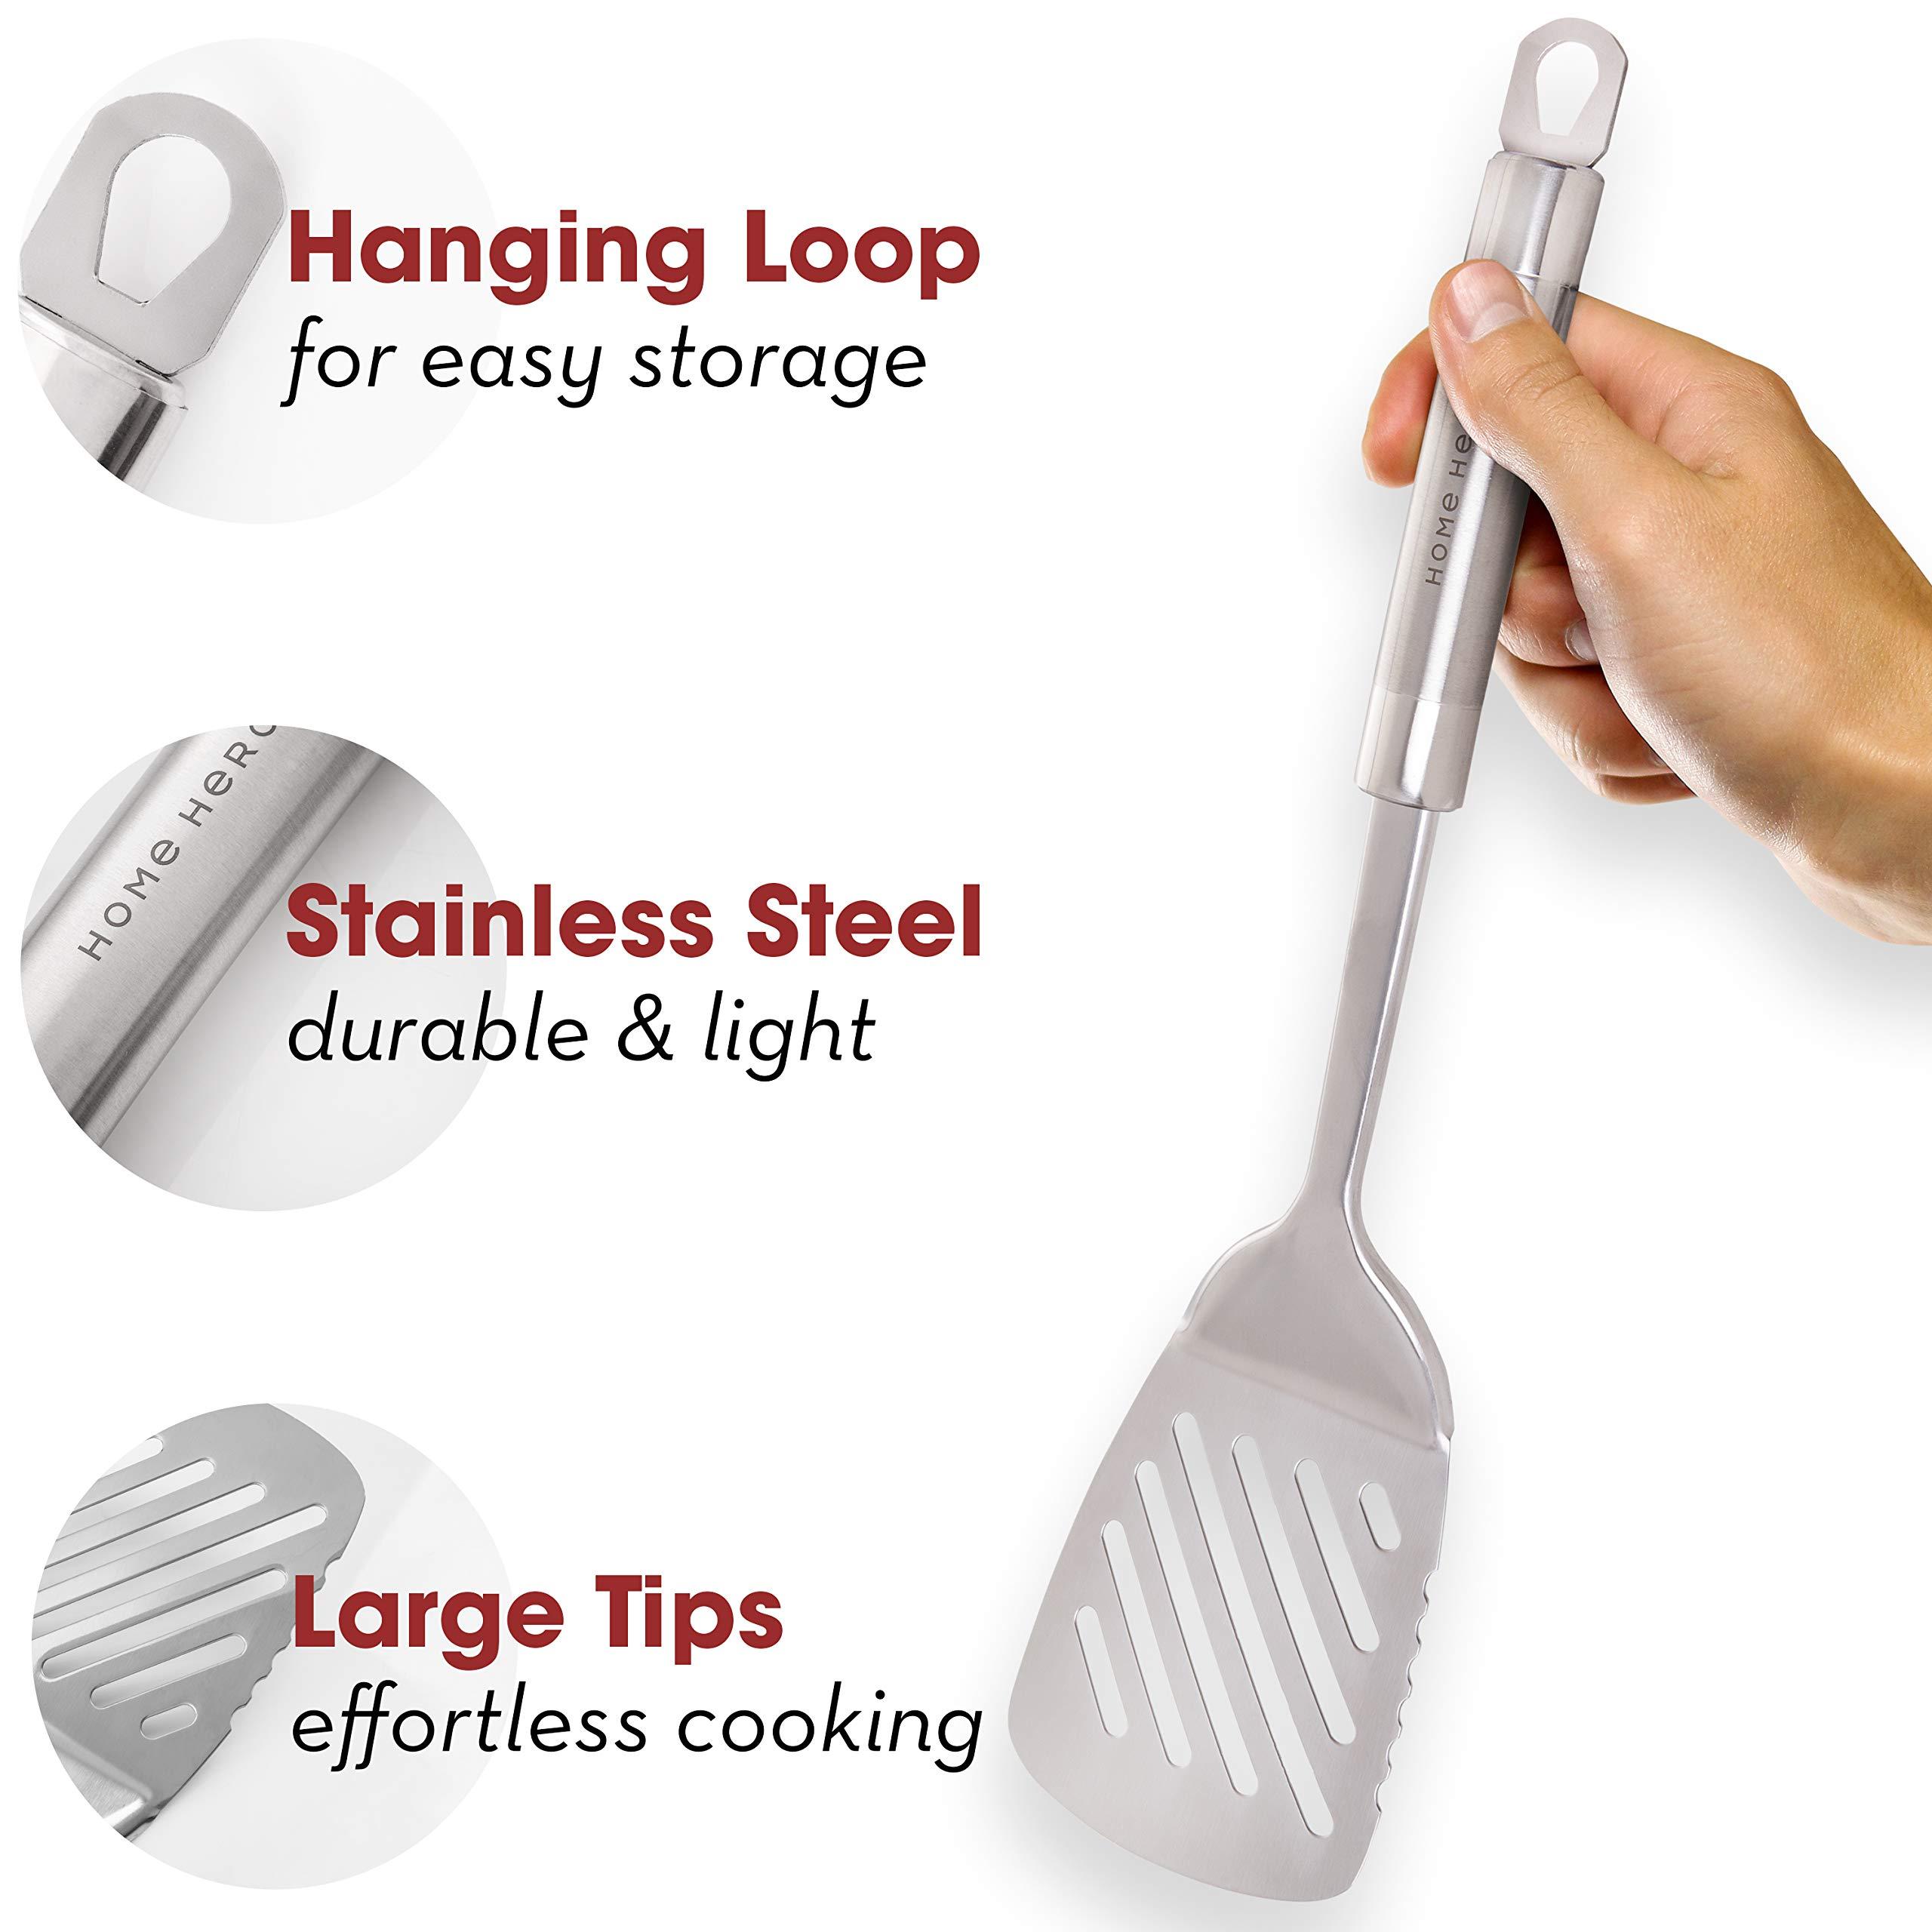 Stainless Steel Kitchen Utensil Set - 29 Cooking Utensils - Nonstick  Kitchen Utensils Cookware Set with Spatula - Best Kitchen Gadgets Kitchen  Tool